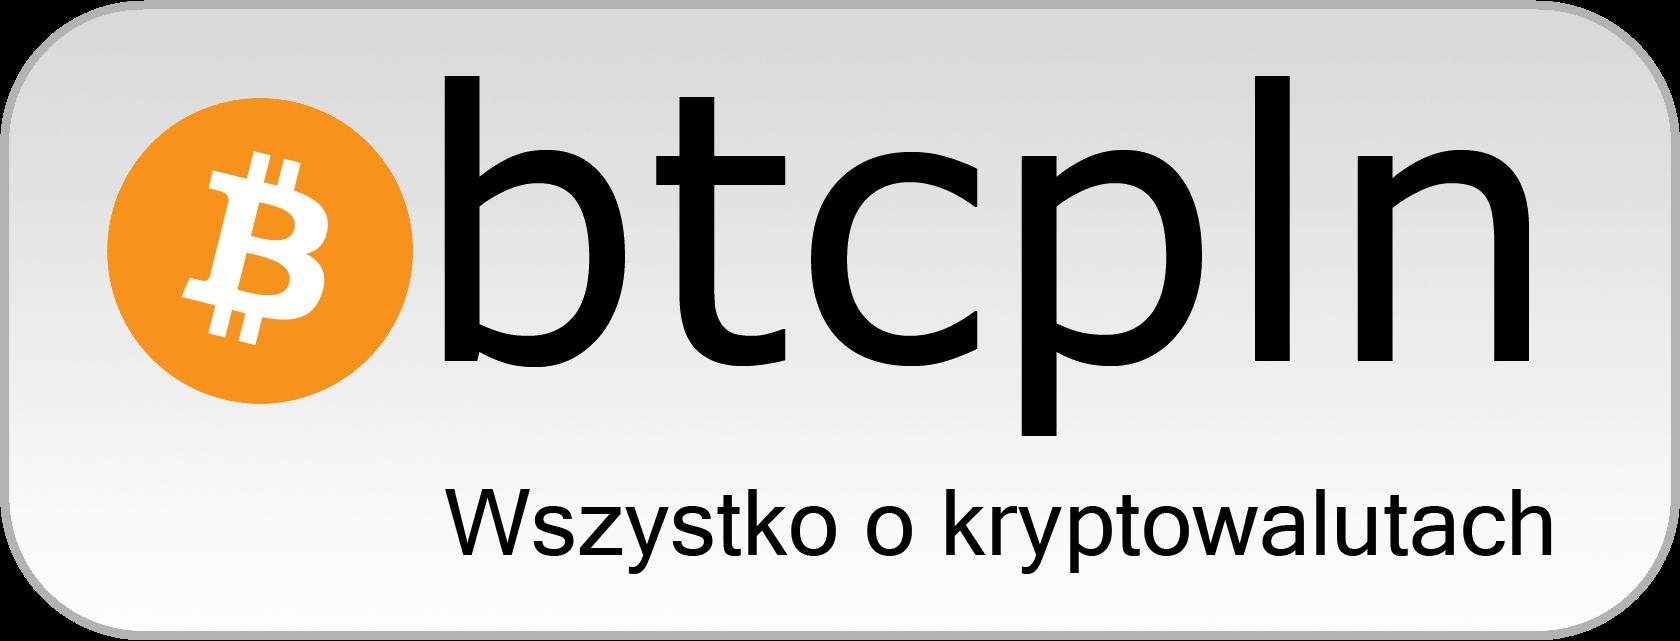 BTCPLN РBlog o Bitcoin, Litecoin i nie tylko̢